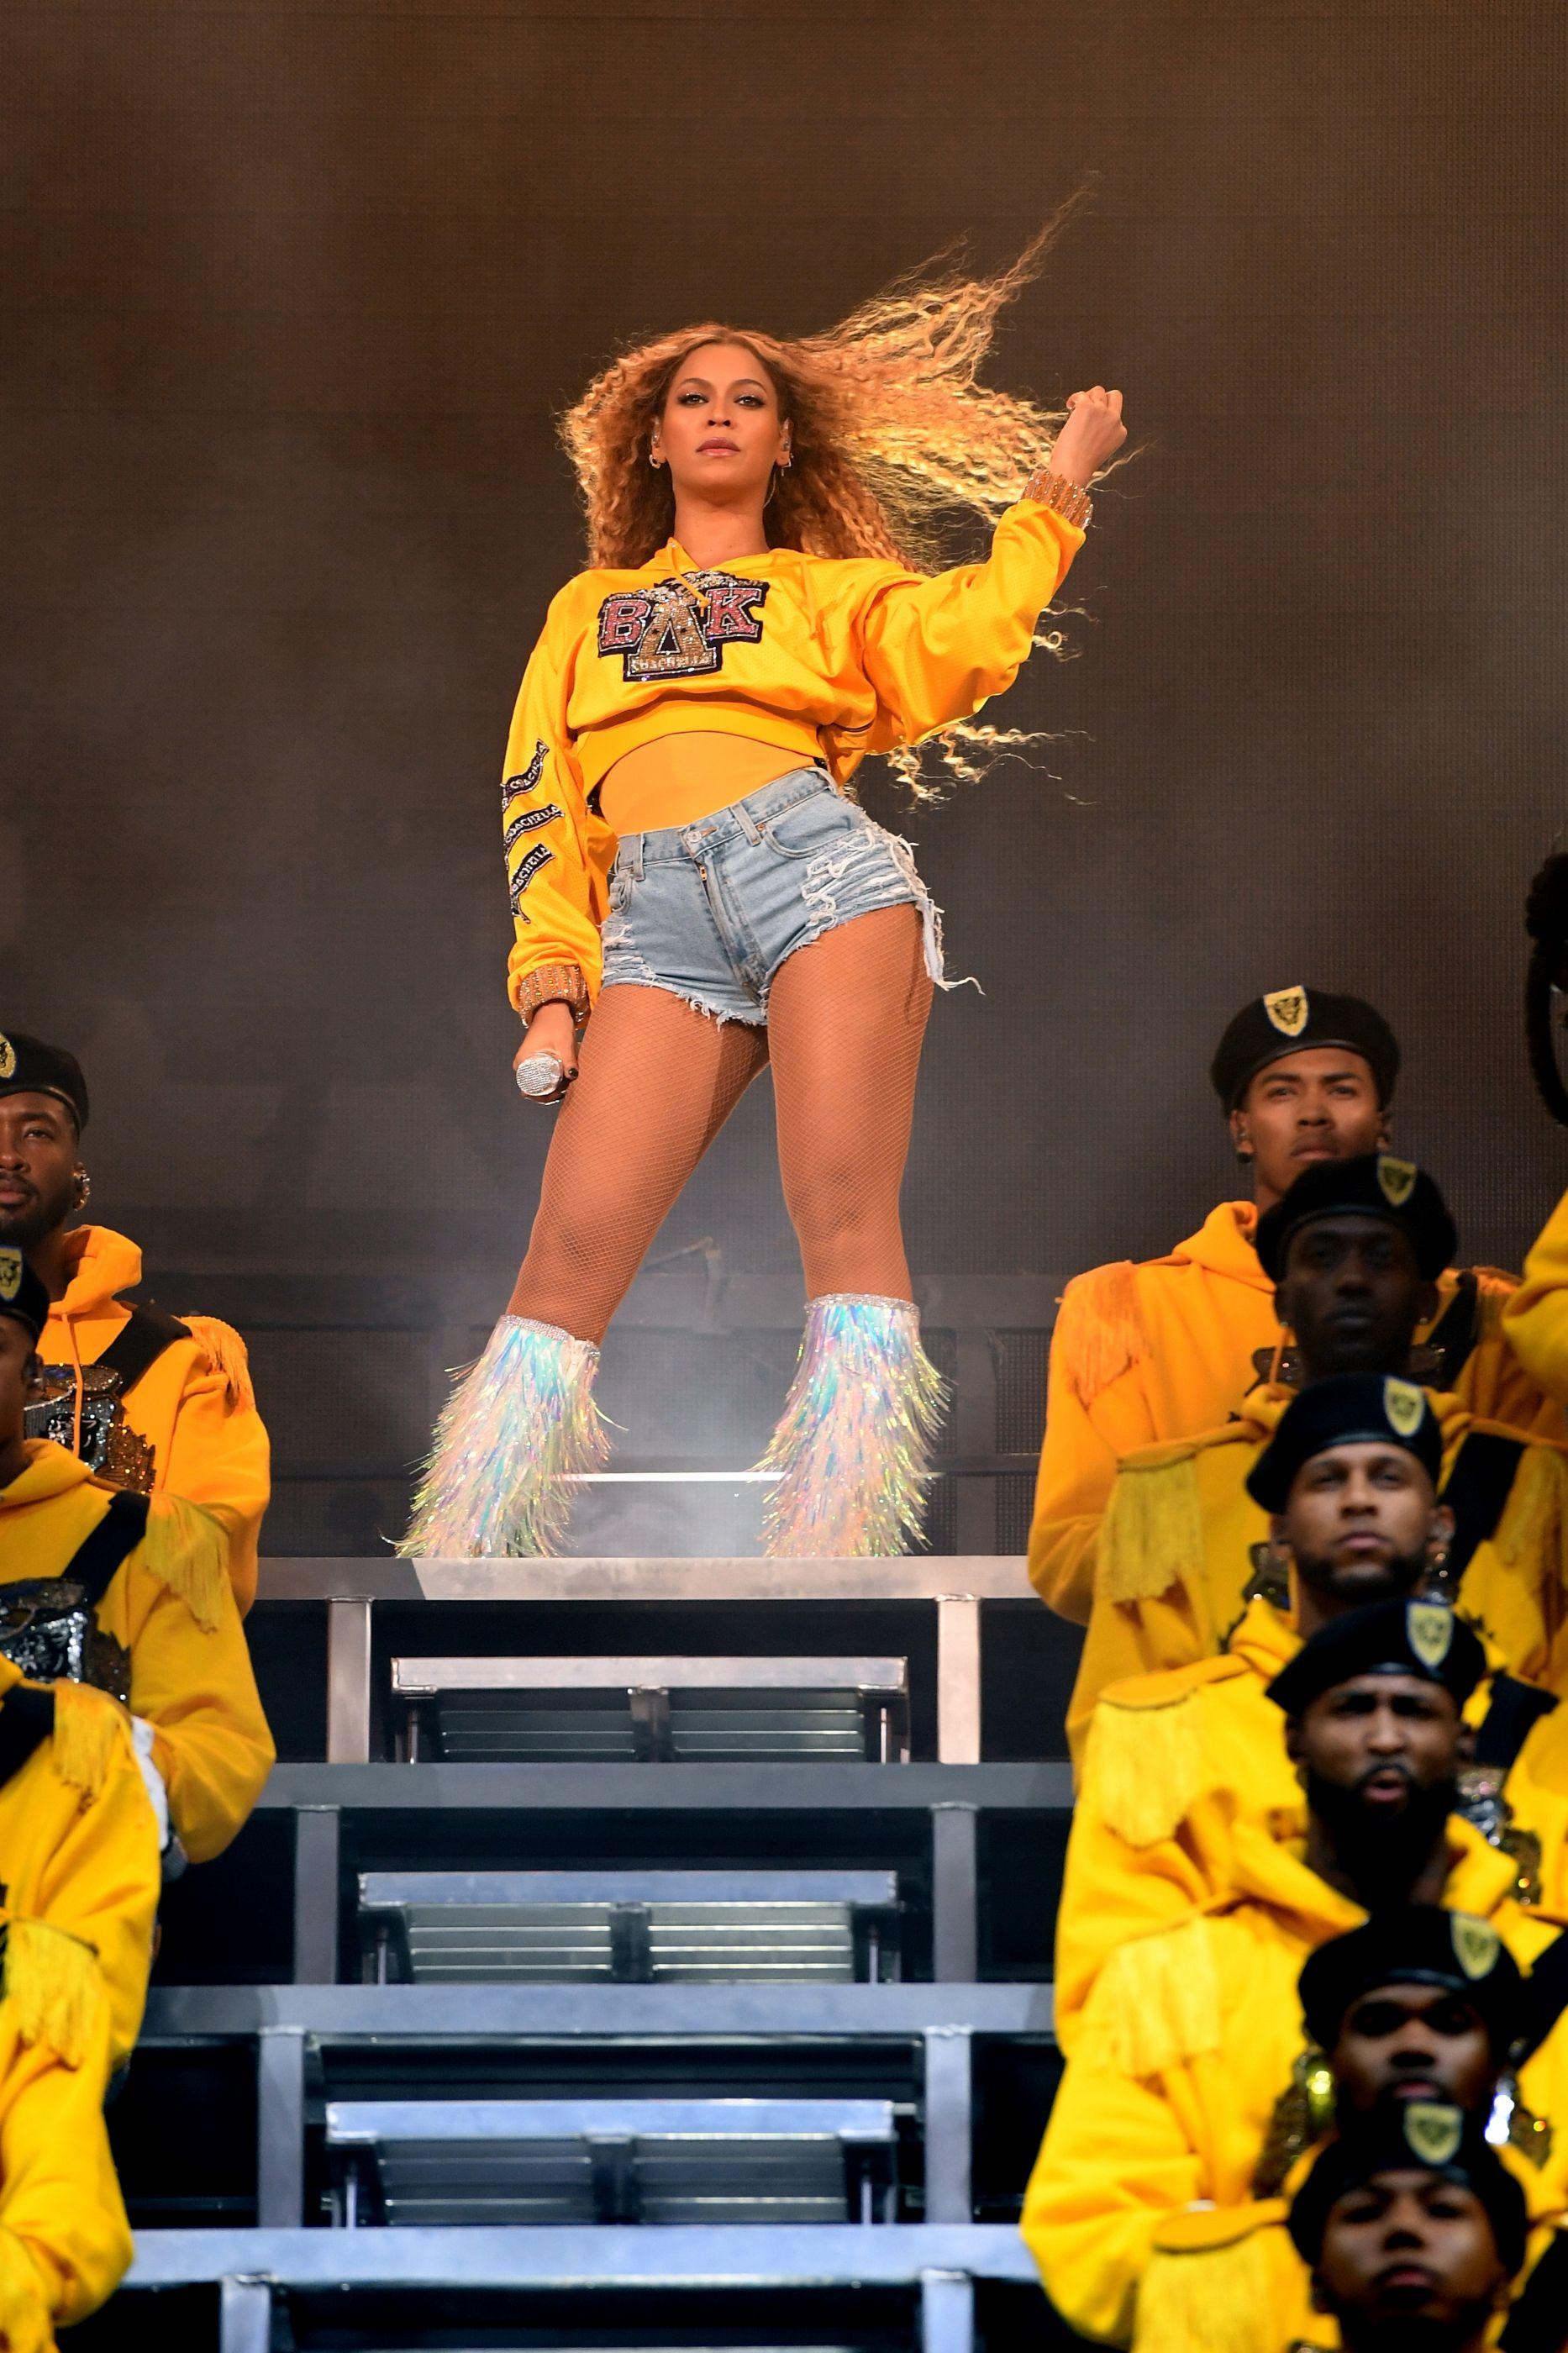 Já chegou à Netflix documentário sobre Beyoncé